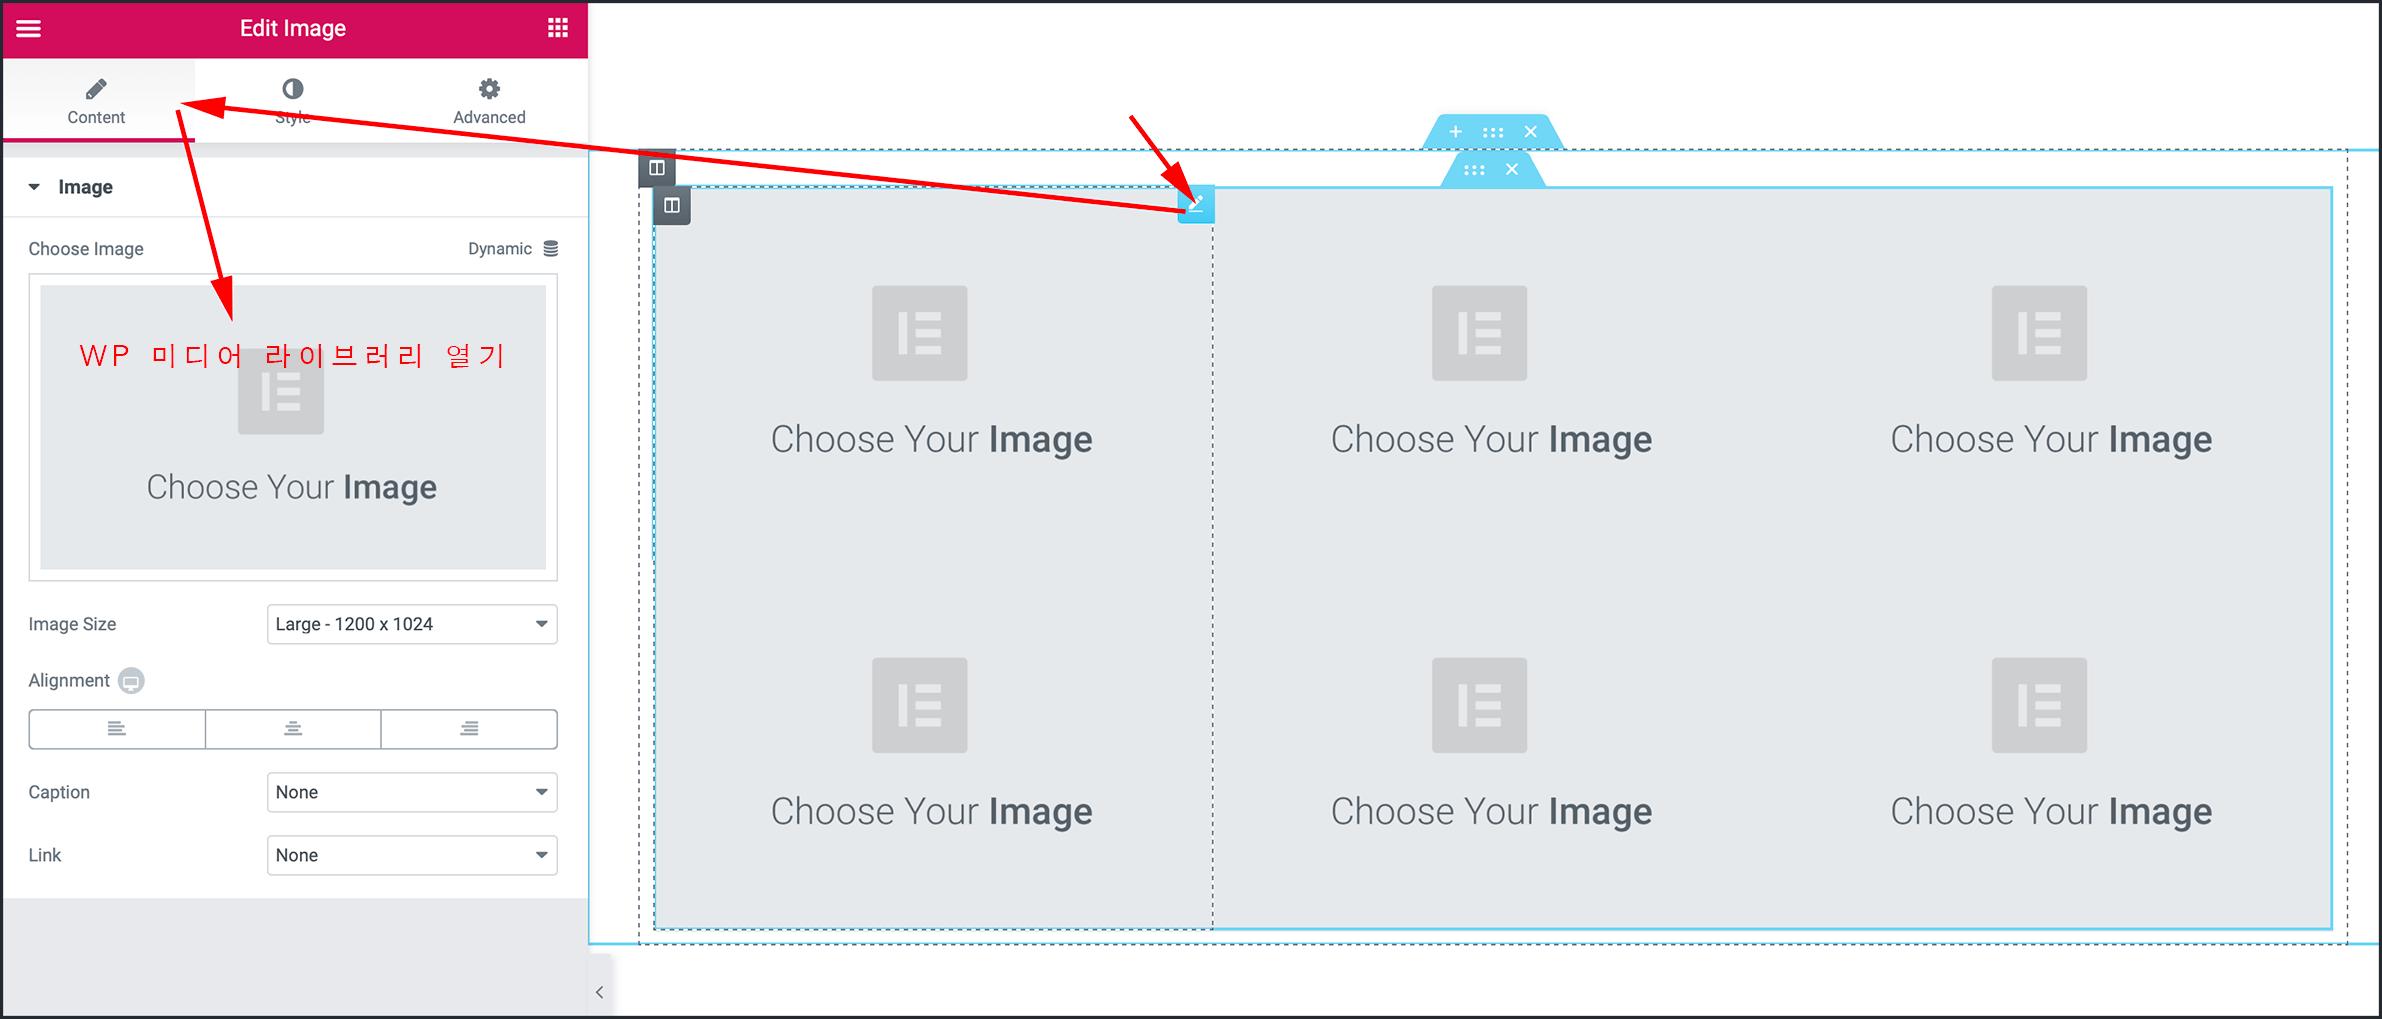 이미지 위젯 클릭후 왼쪽에서 Choose Your Image를 클릭하면 워드프레스 미디어라이브러리가 열린다